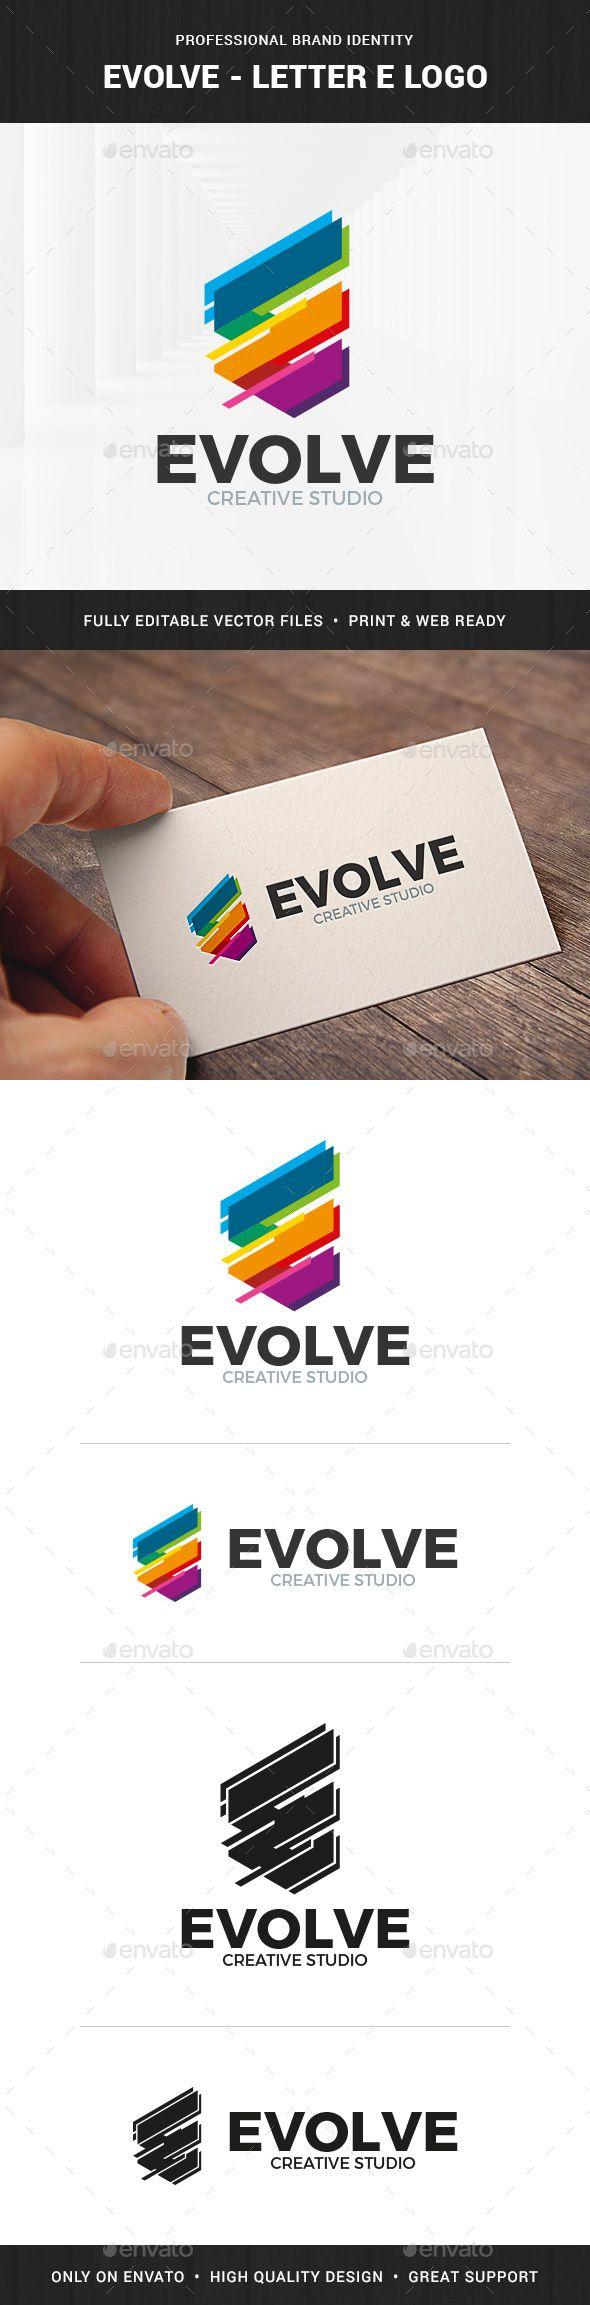 Evolve Letter E Logo  — EPS Template • Only available here ➝ https://graphicriver.net/item/evolve-letter-e-logo/17745604?ref=pxcr